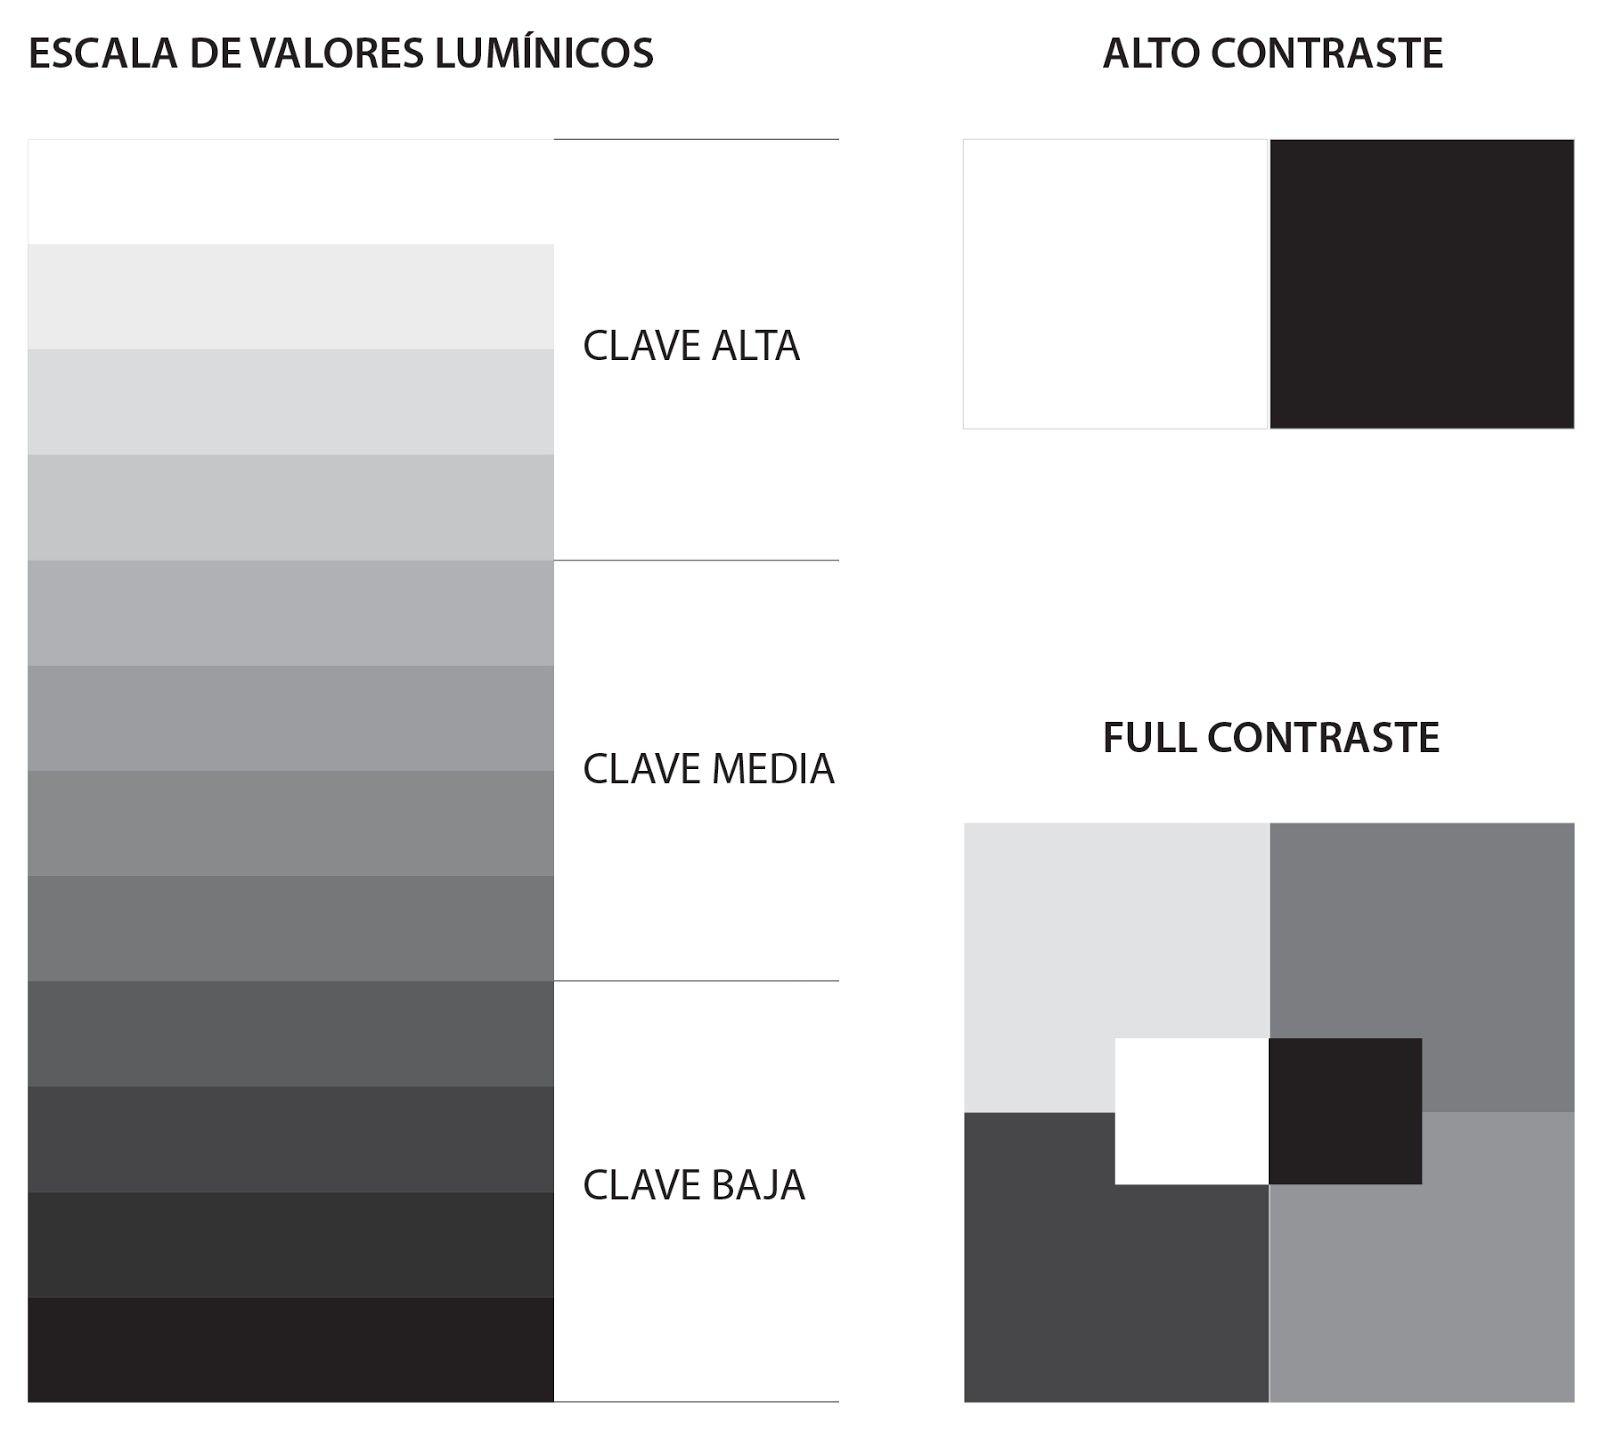 Escala De Grises Y Claves Tonales Escala De Grises Escala De Valores Paletas De Colores Grises